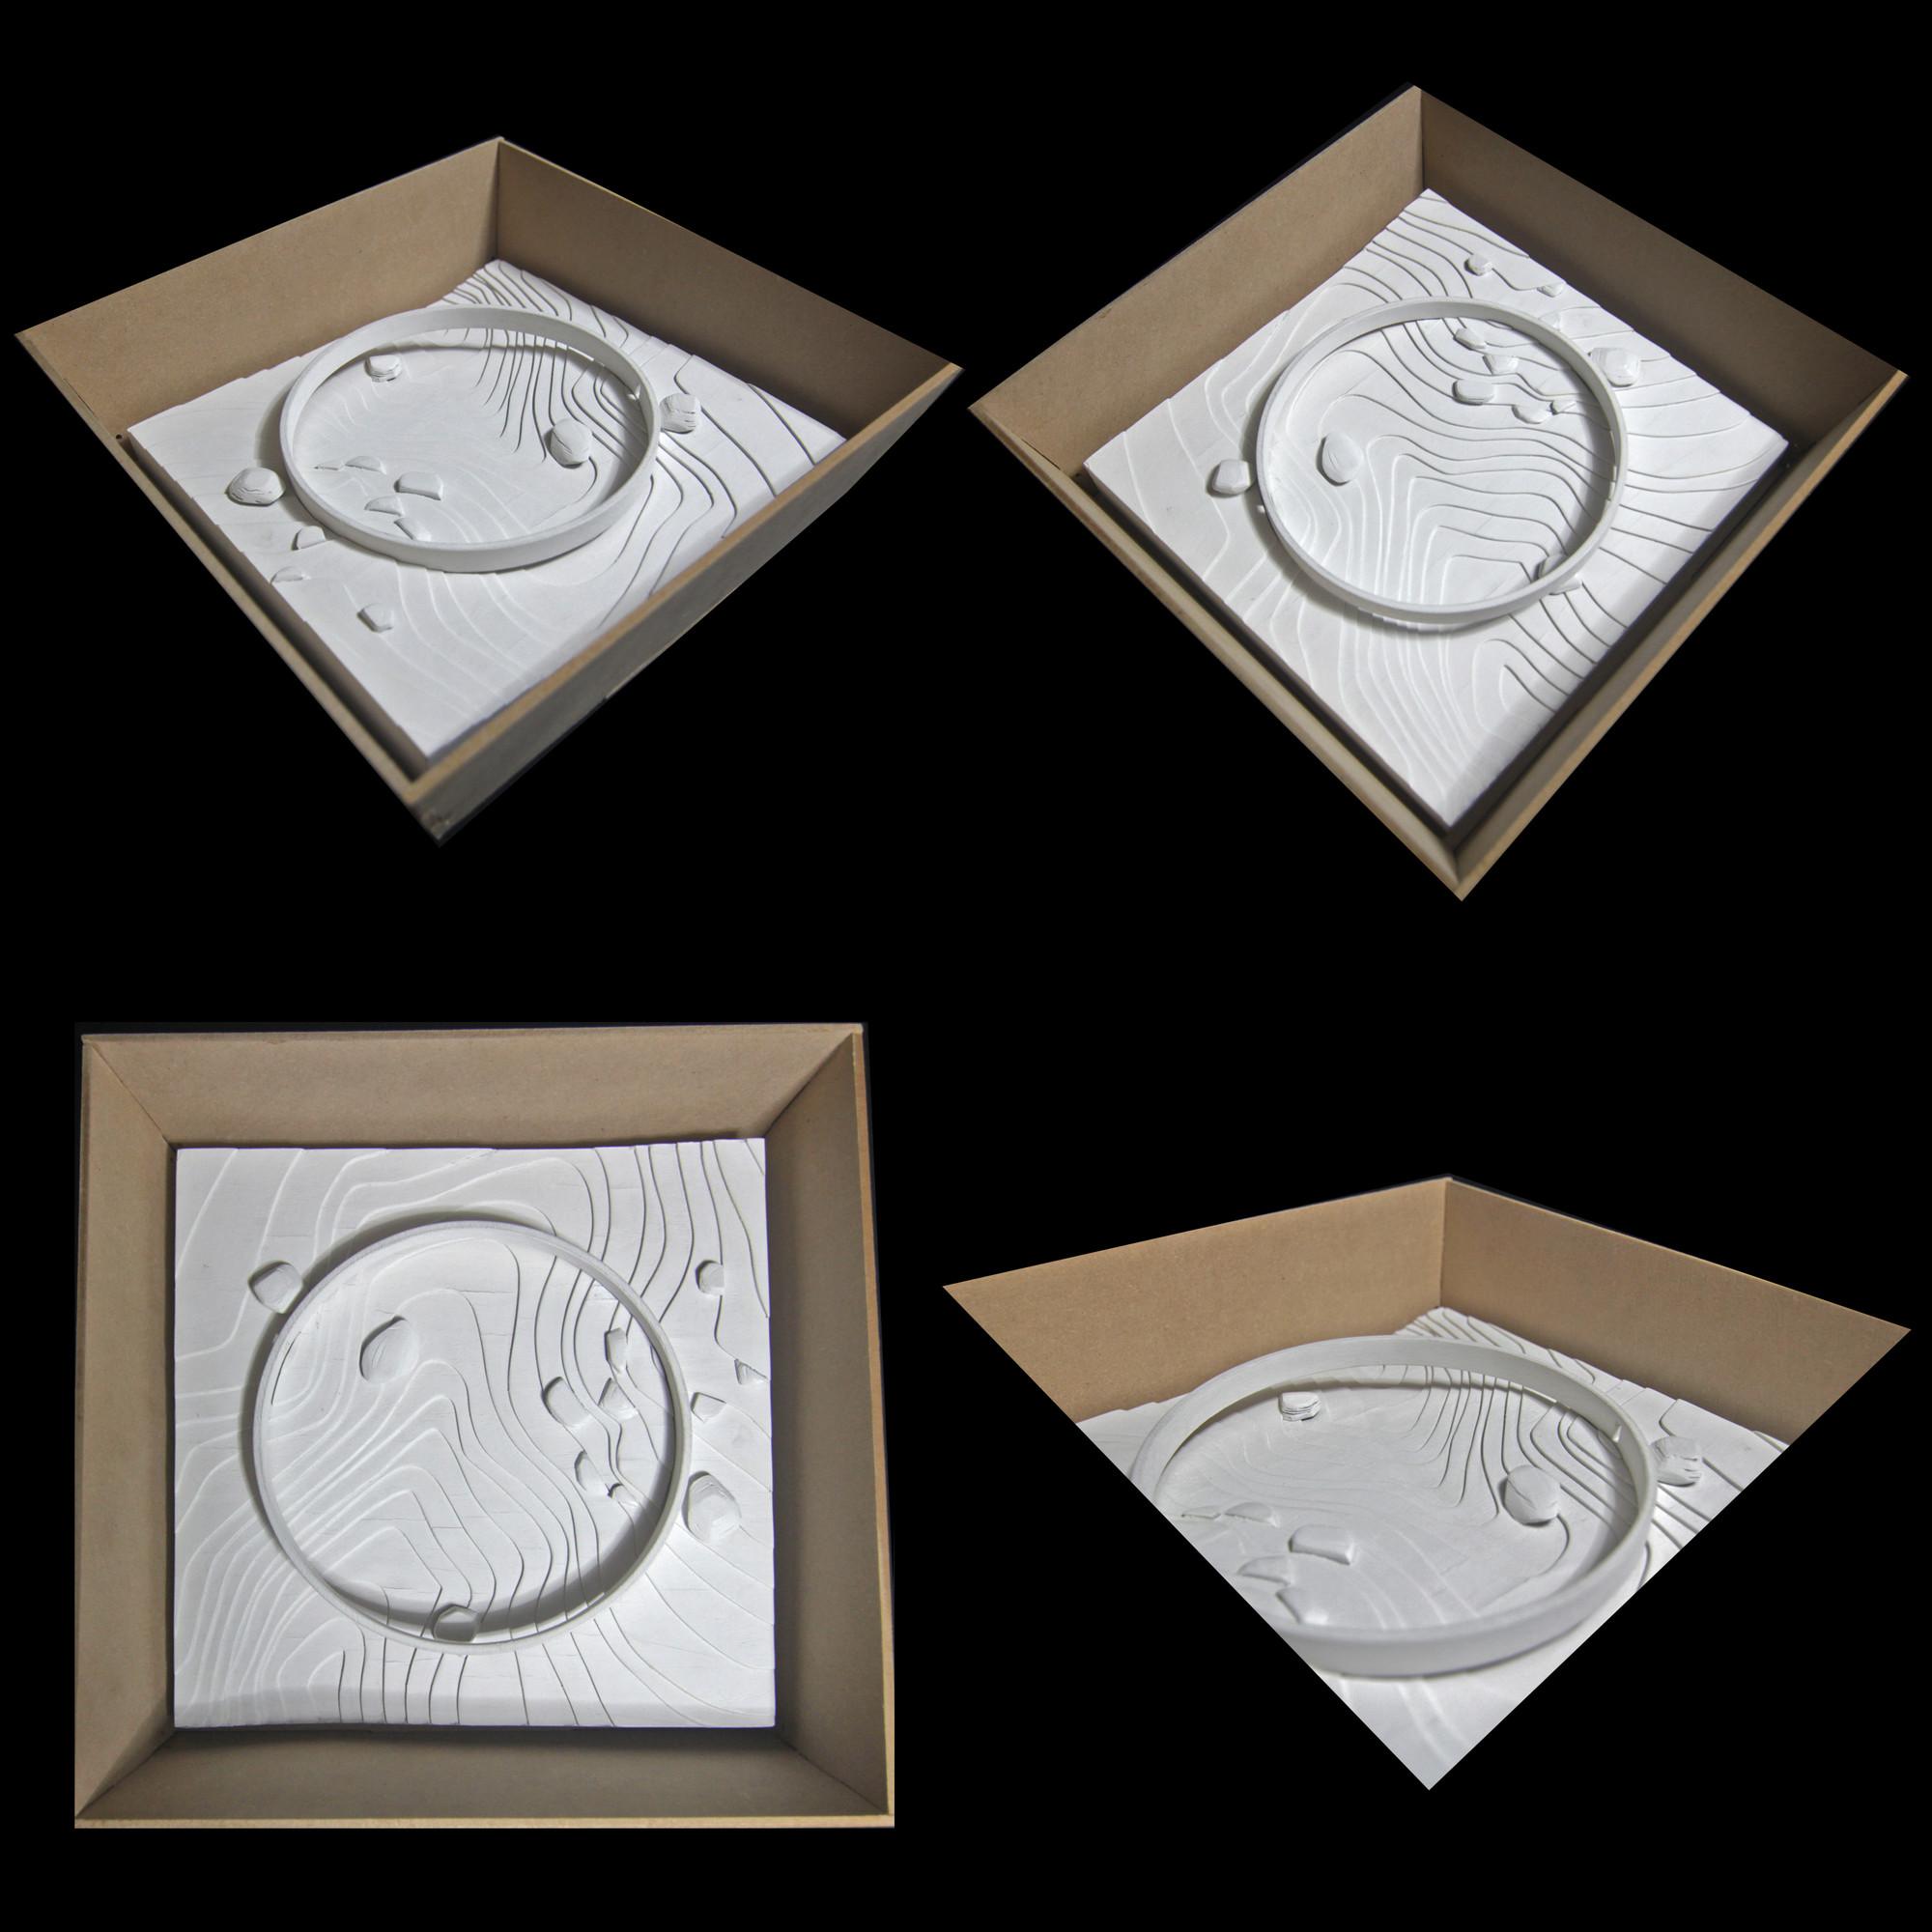 Pieza-Caja de Dellekamp Arquitectos